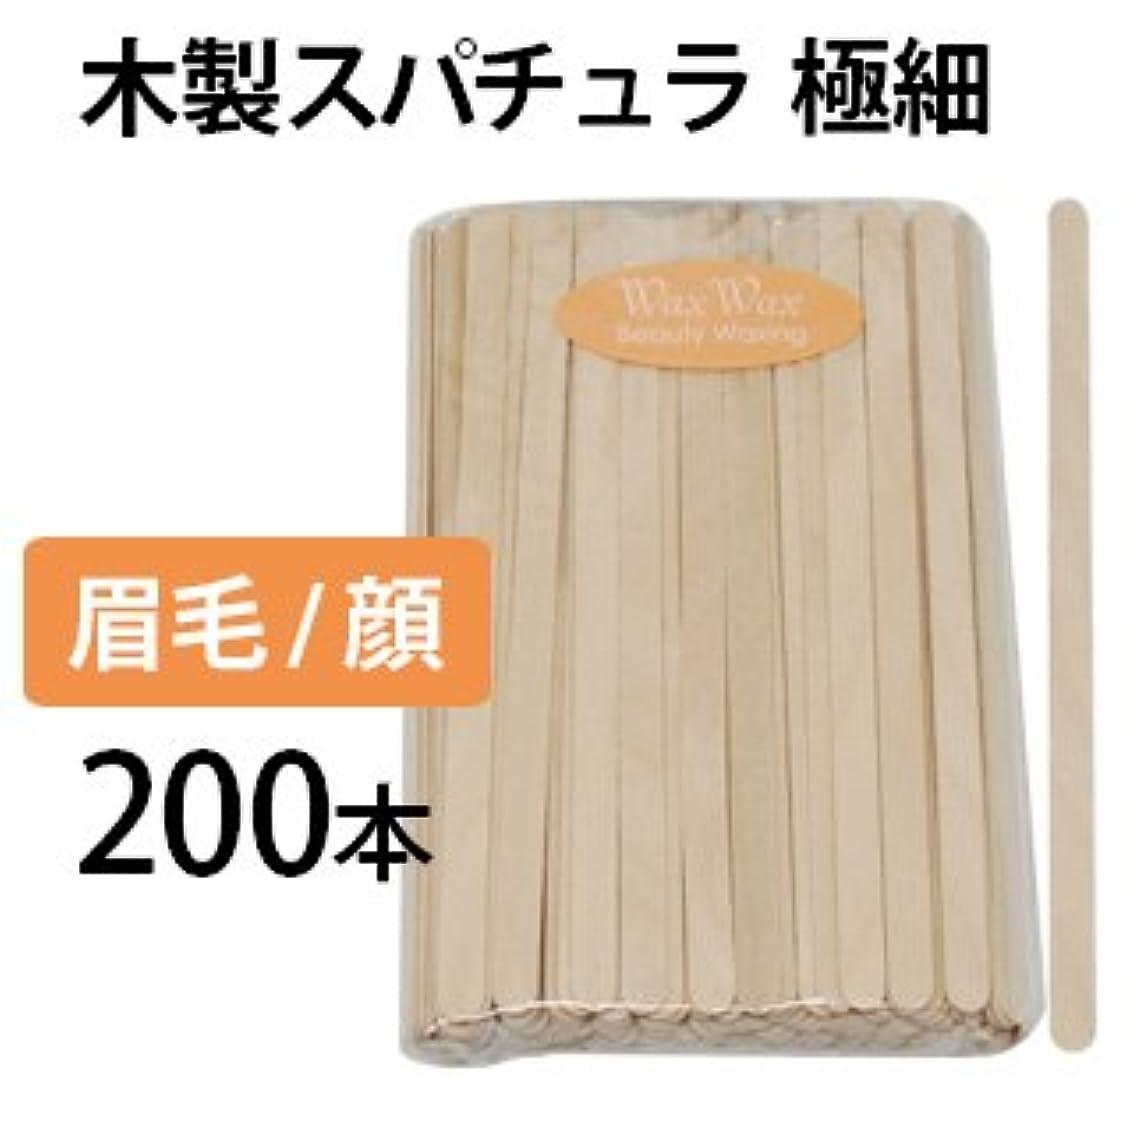 戸棚オフお互い眉毛 アイブロウ用スパチュラ 200本セット 極細 木製スパチュラ 使い捨て